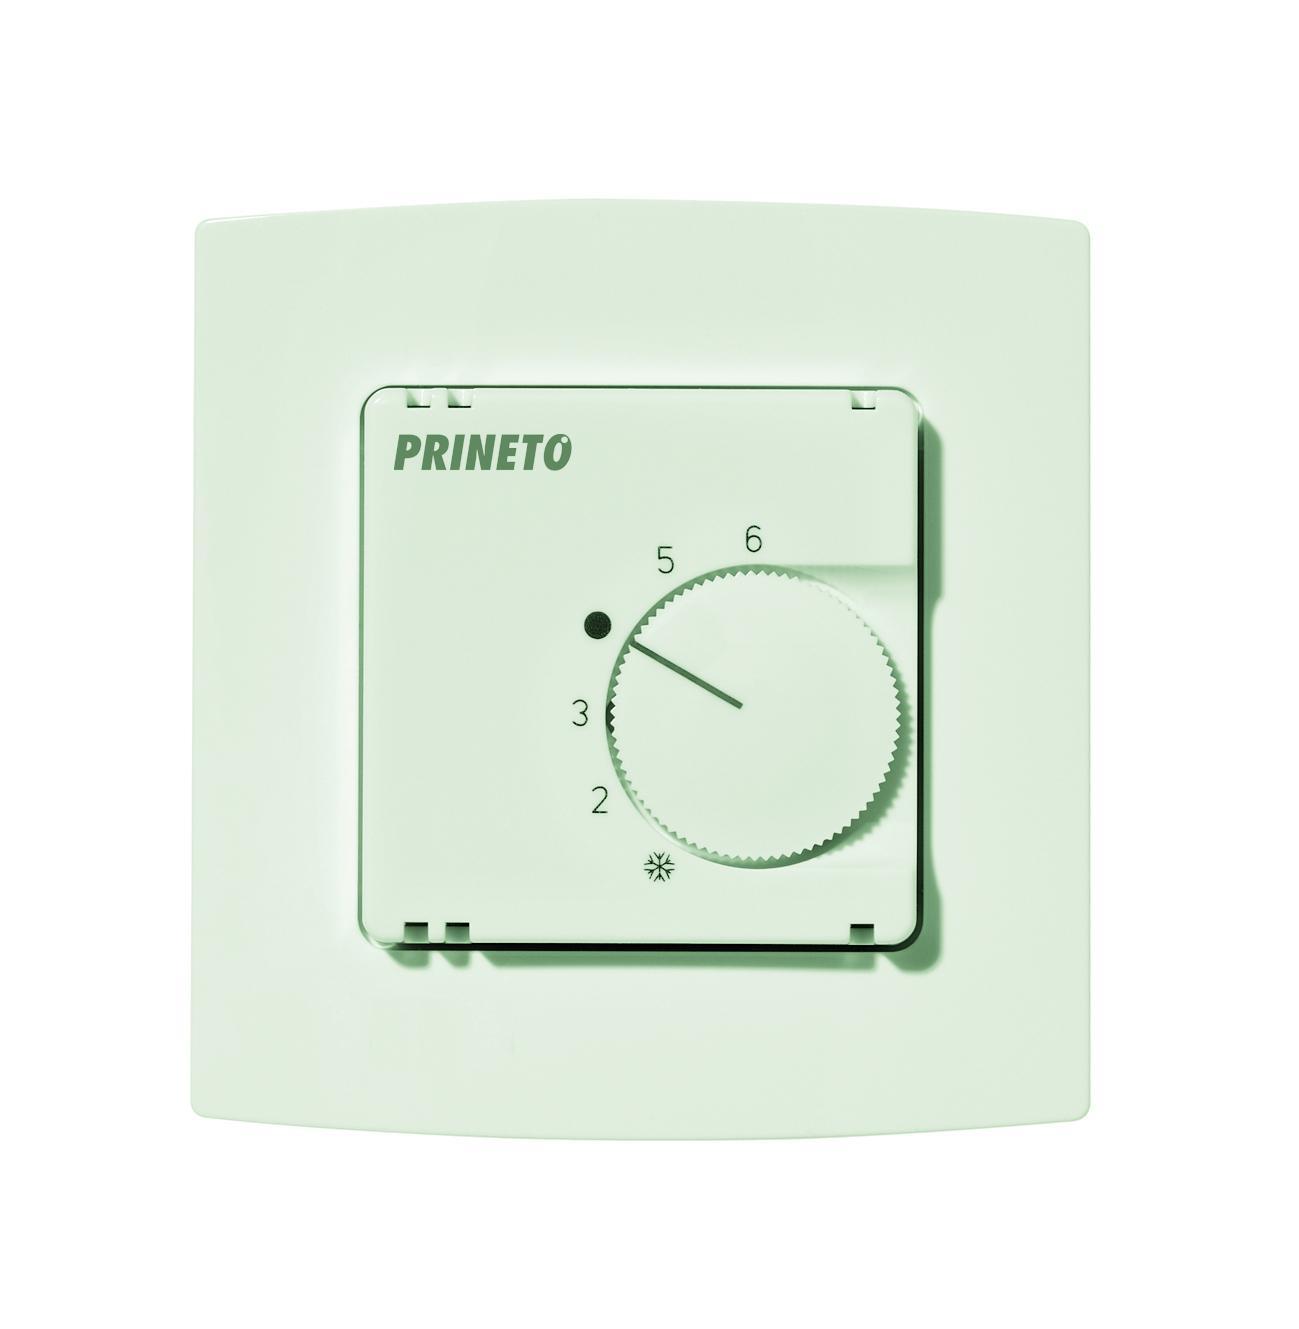 Комнатный терморегулятор отопление/охлаждение для скрытого монтажа